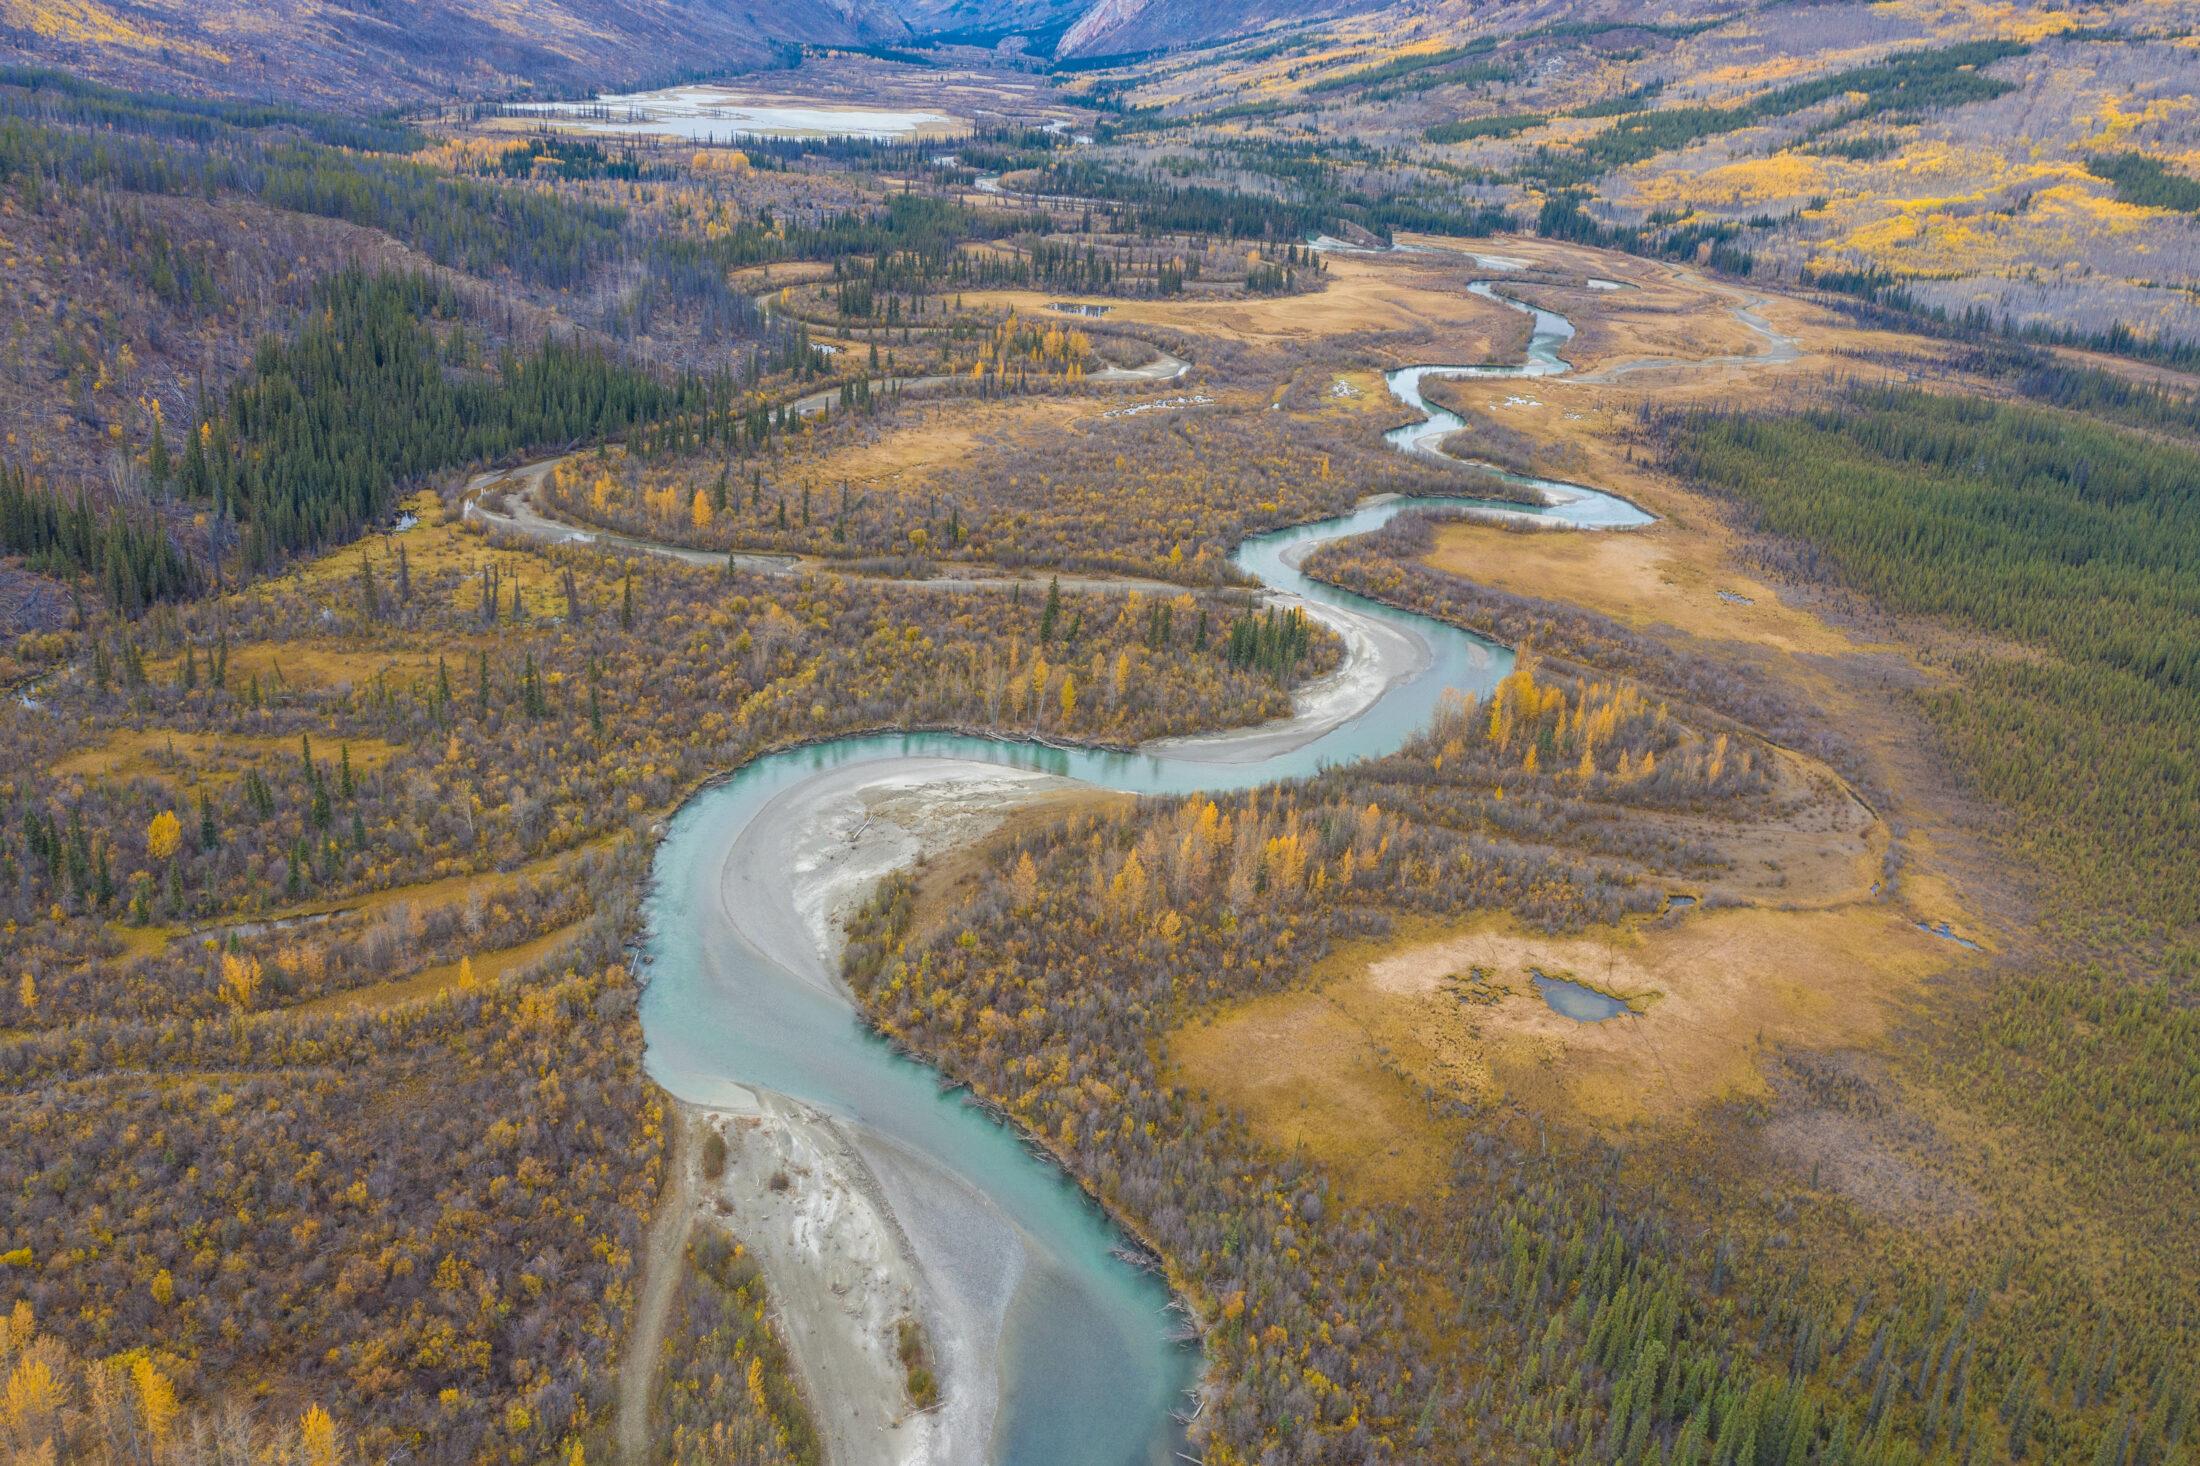 Tahltan territory